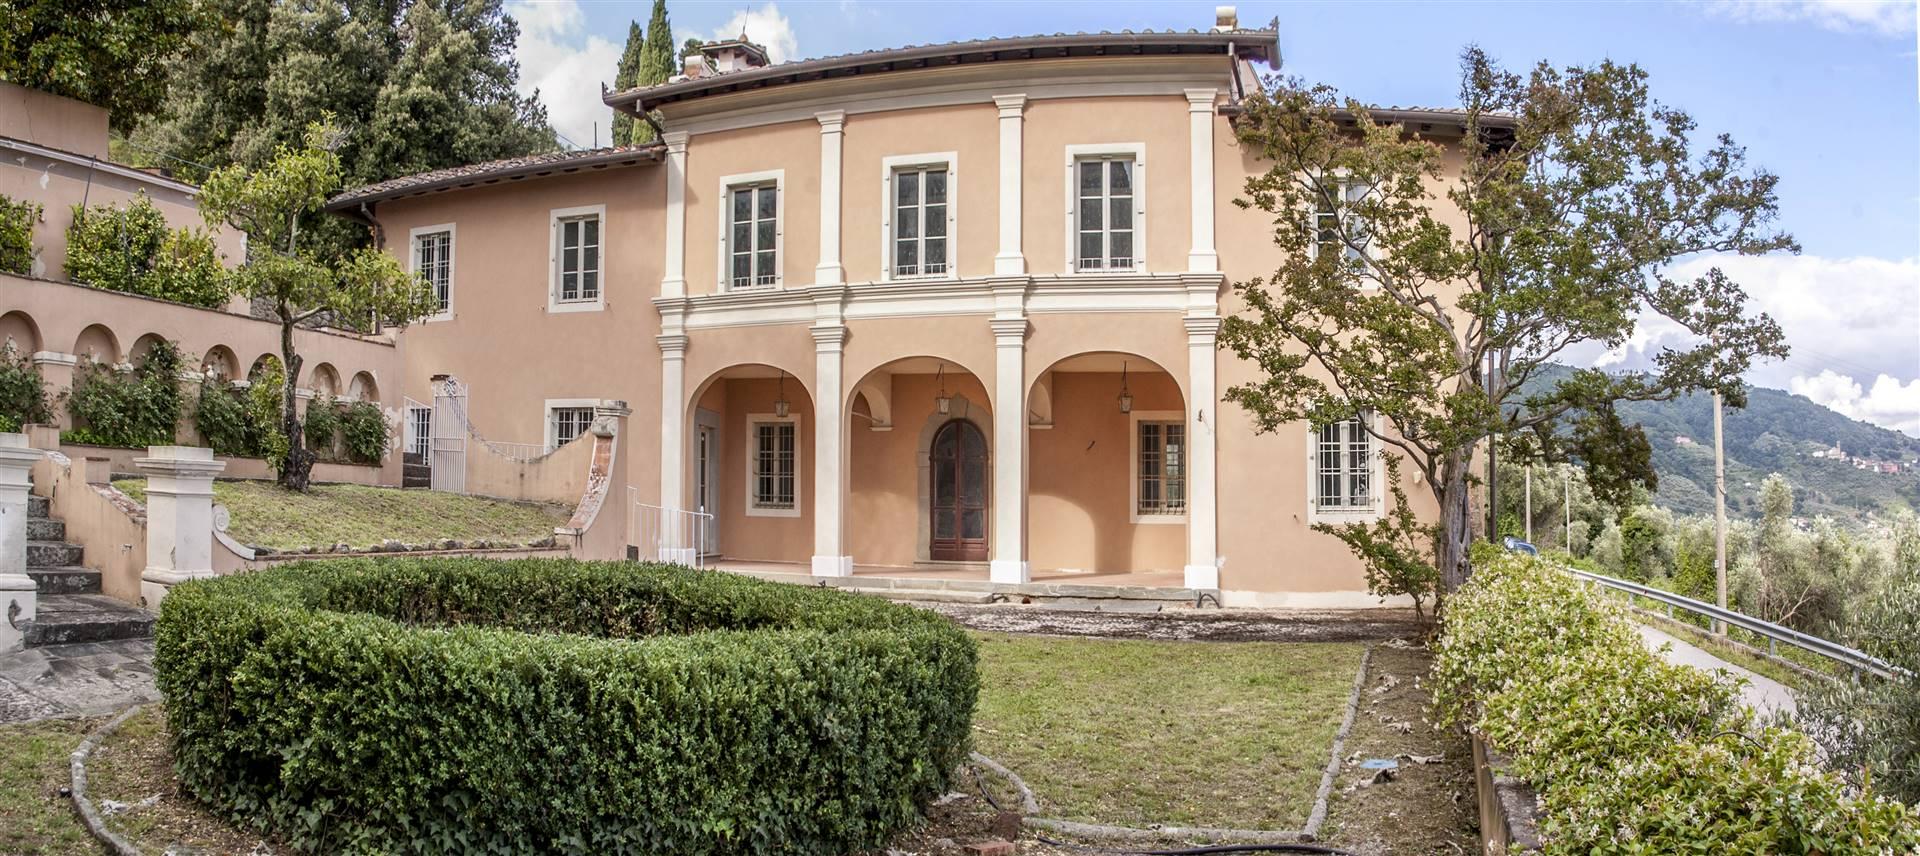 PESCIA, Villa zu verkaufen von 950 Qm, Beste ausstattung, Heizung Unabhaengig, Energie-klasse: G, am boden Angehoben auf 3, zusammengestellt von: 24